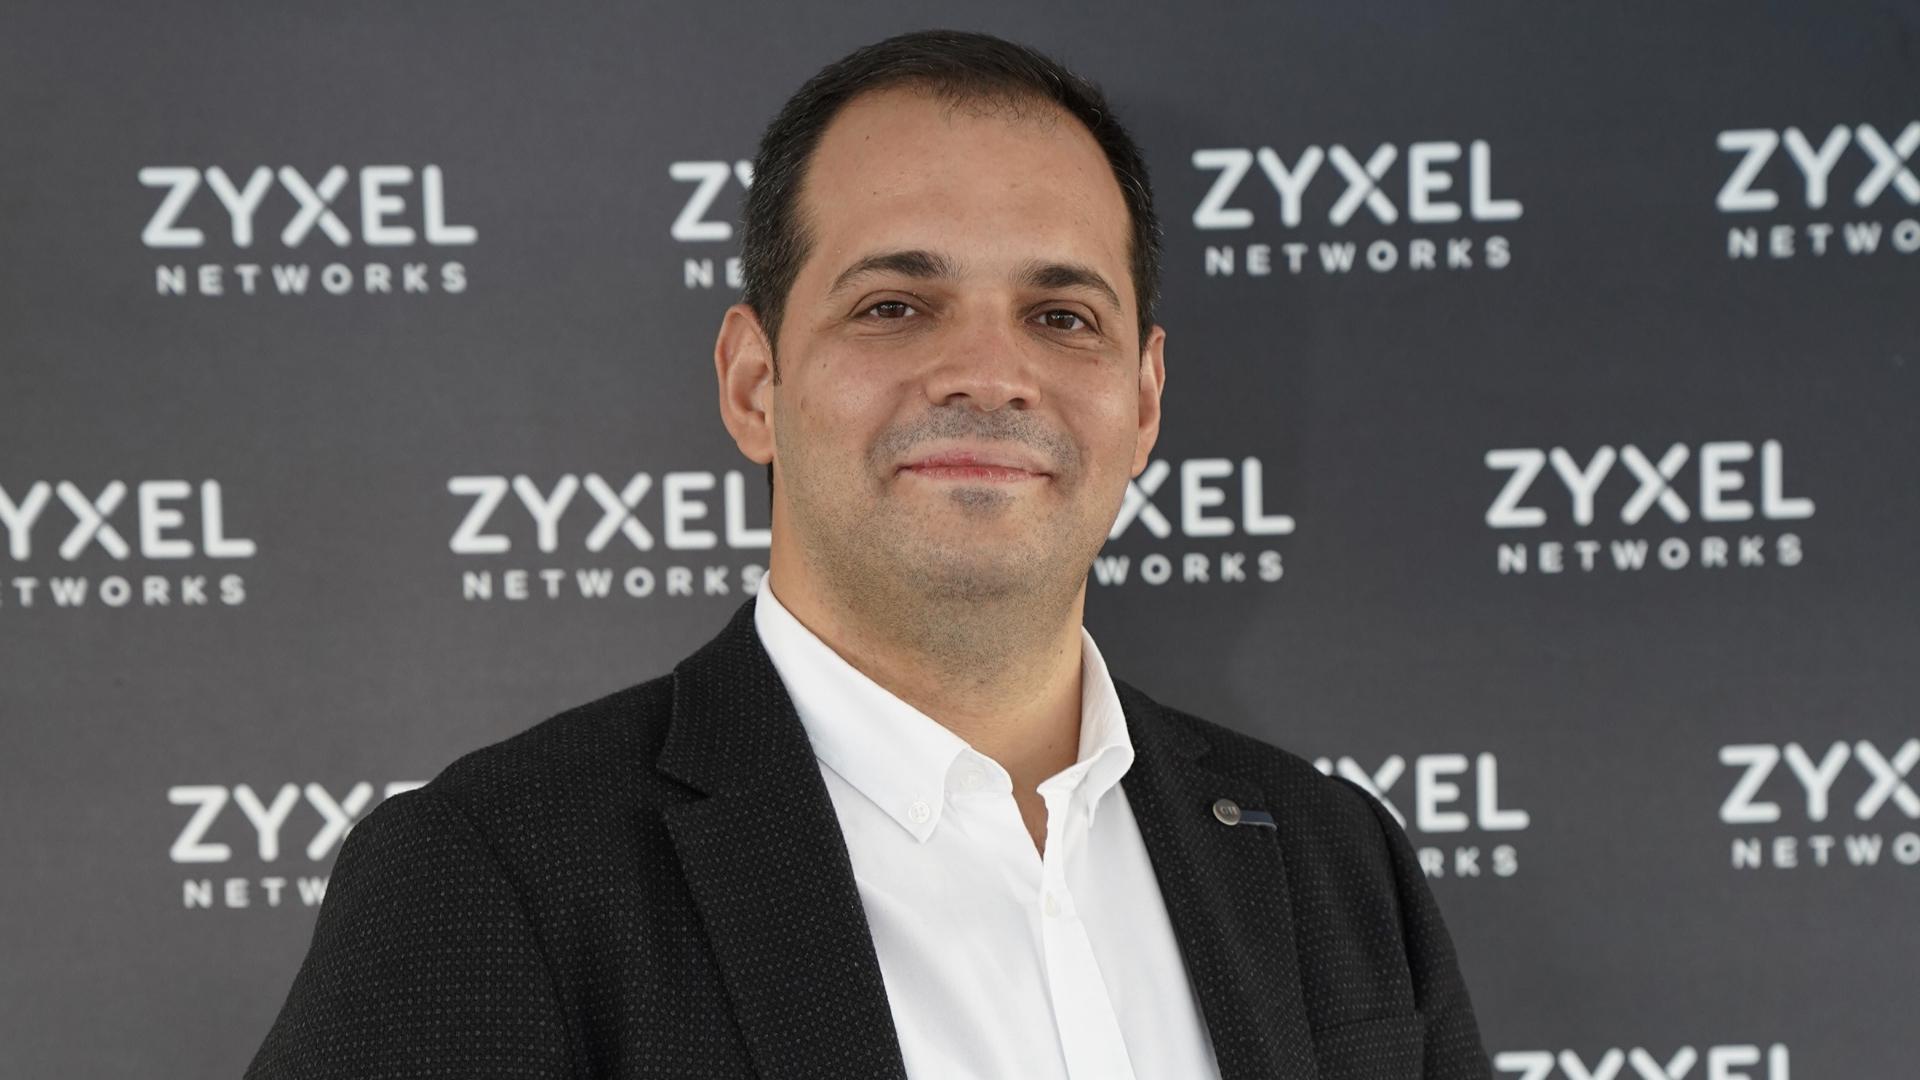 Zyxel Networks Türkiye Kanal Satış Müdürü Ömer Faruk Erünsal